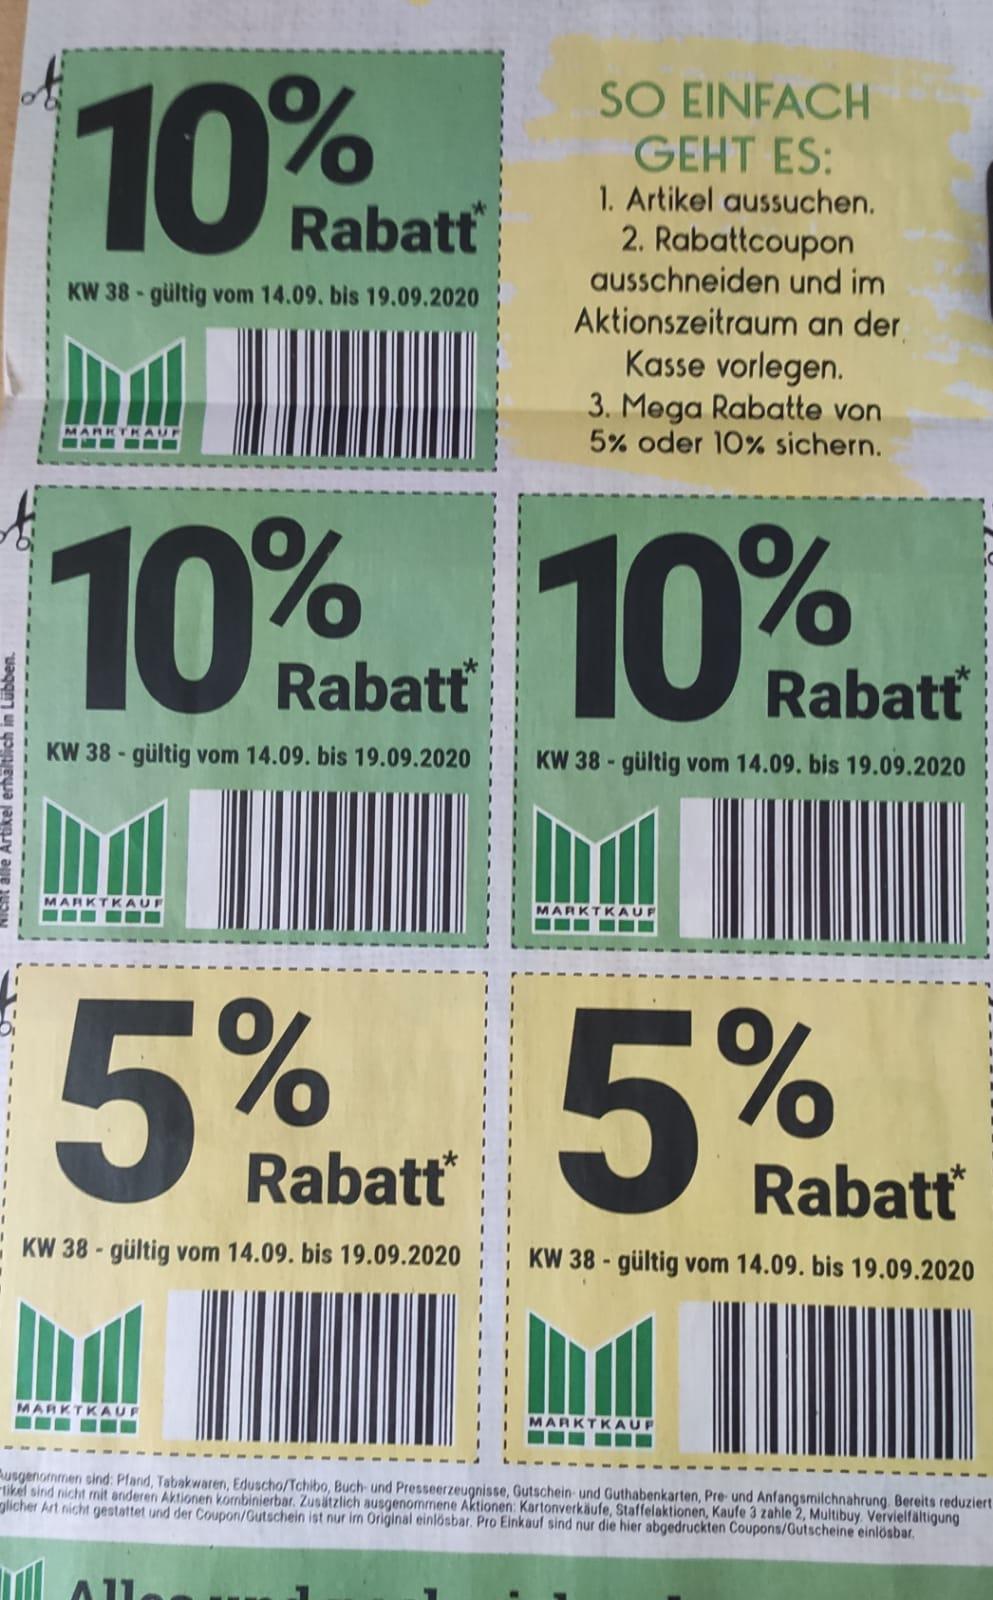 [Marktkauf Minden-Hannover] 3x -10% und 2x -5% Rabatt Coupons im Prospekt